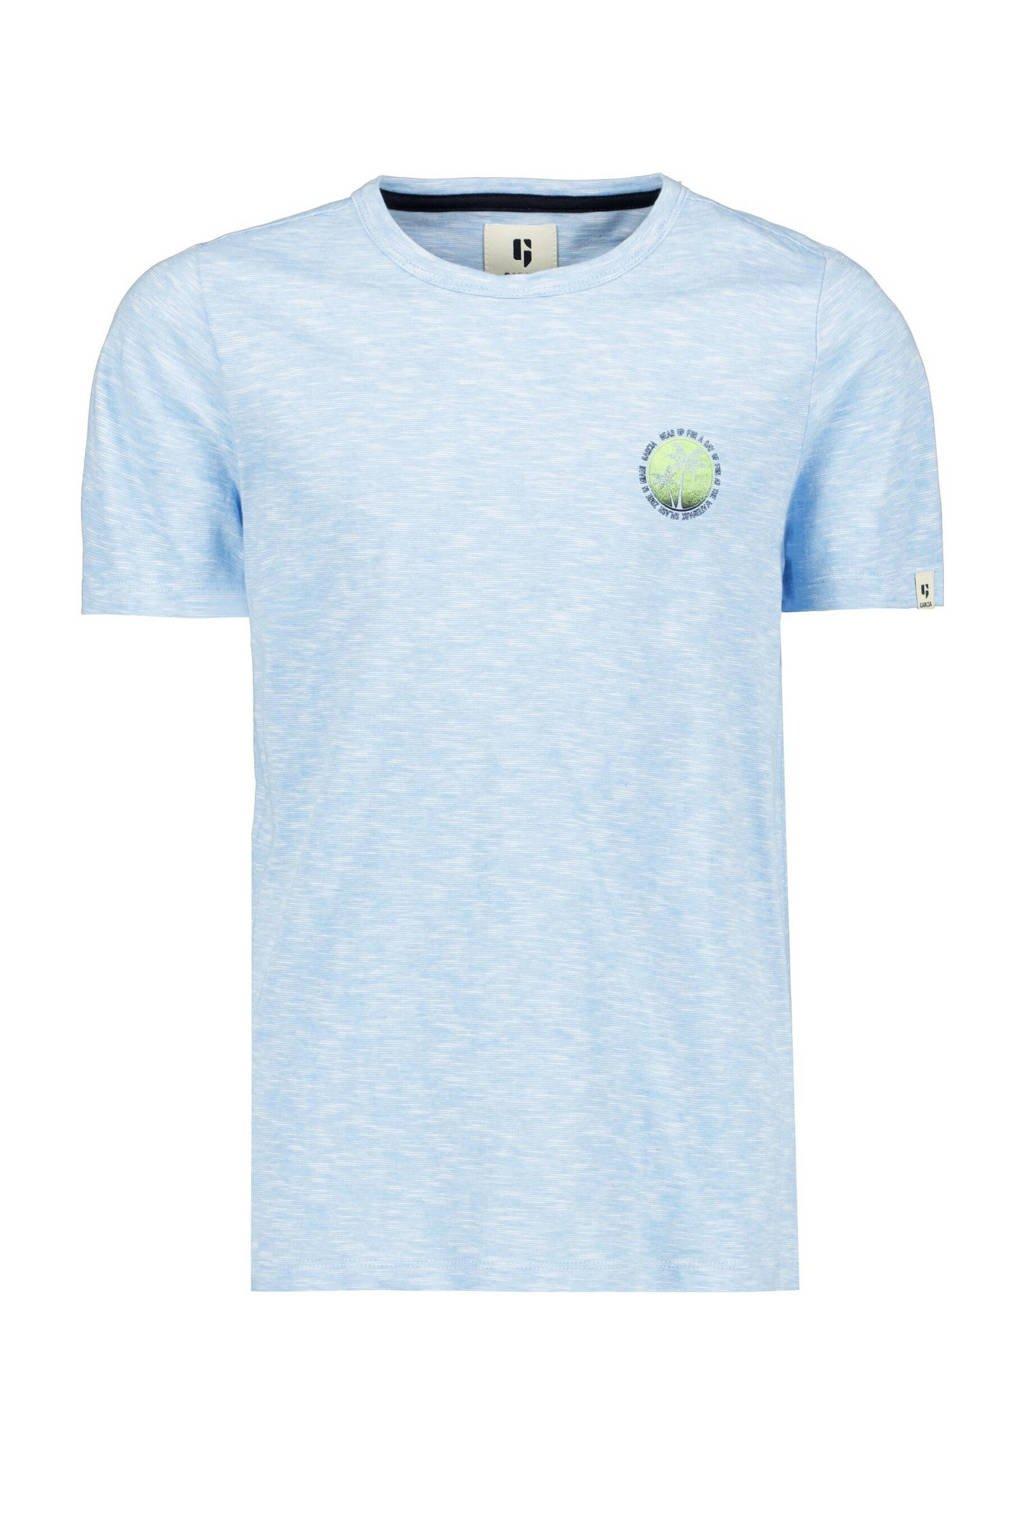 Garcia T-shirt met printopdruk lichtblauw melee, Lichtblauw melee